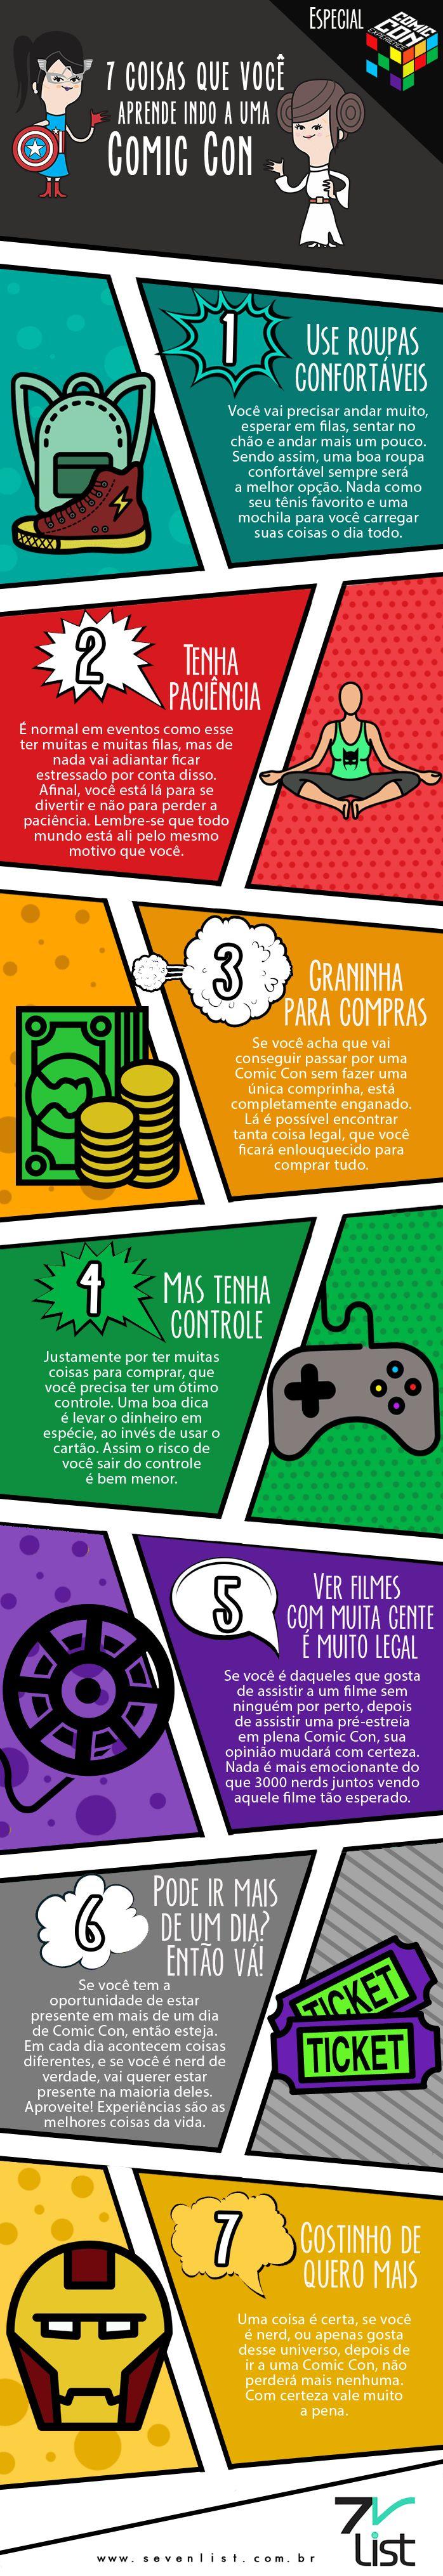 Chegou ao fim o evento mais nerd do ano no Brasil, e nós do Seven List estávamos lá conferindo tudo. Veja 7 coisas que você aprende indo a uma Comic Con Experience. #SevenList #CCXP #CCXP2016 #COMICCON #COMIC #NERD #NERDICE #ART #INFOGRÁFICO #HEROES #GEEK #CULTURAPOP #CINEMA #CINE #MOVIE #FILM #HQ #QUADRINHOS #TV #TVSHOW #SERIES #MARVEL #DC #COSPLAY